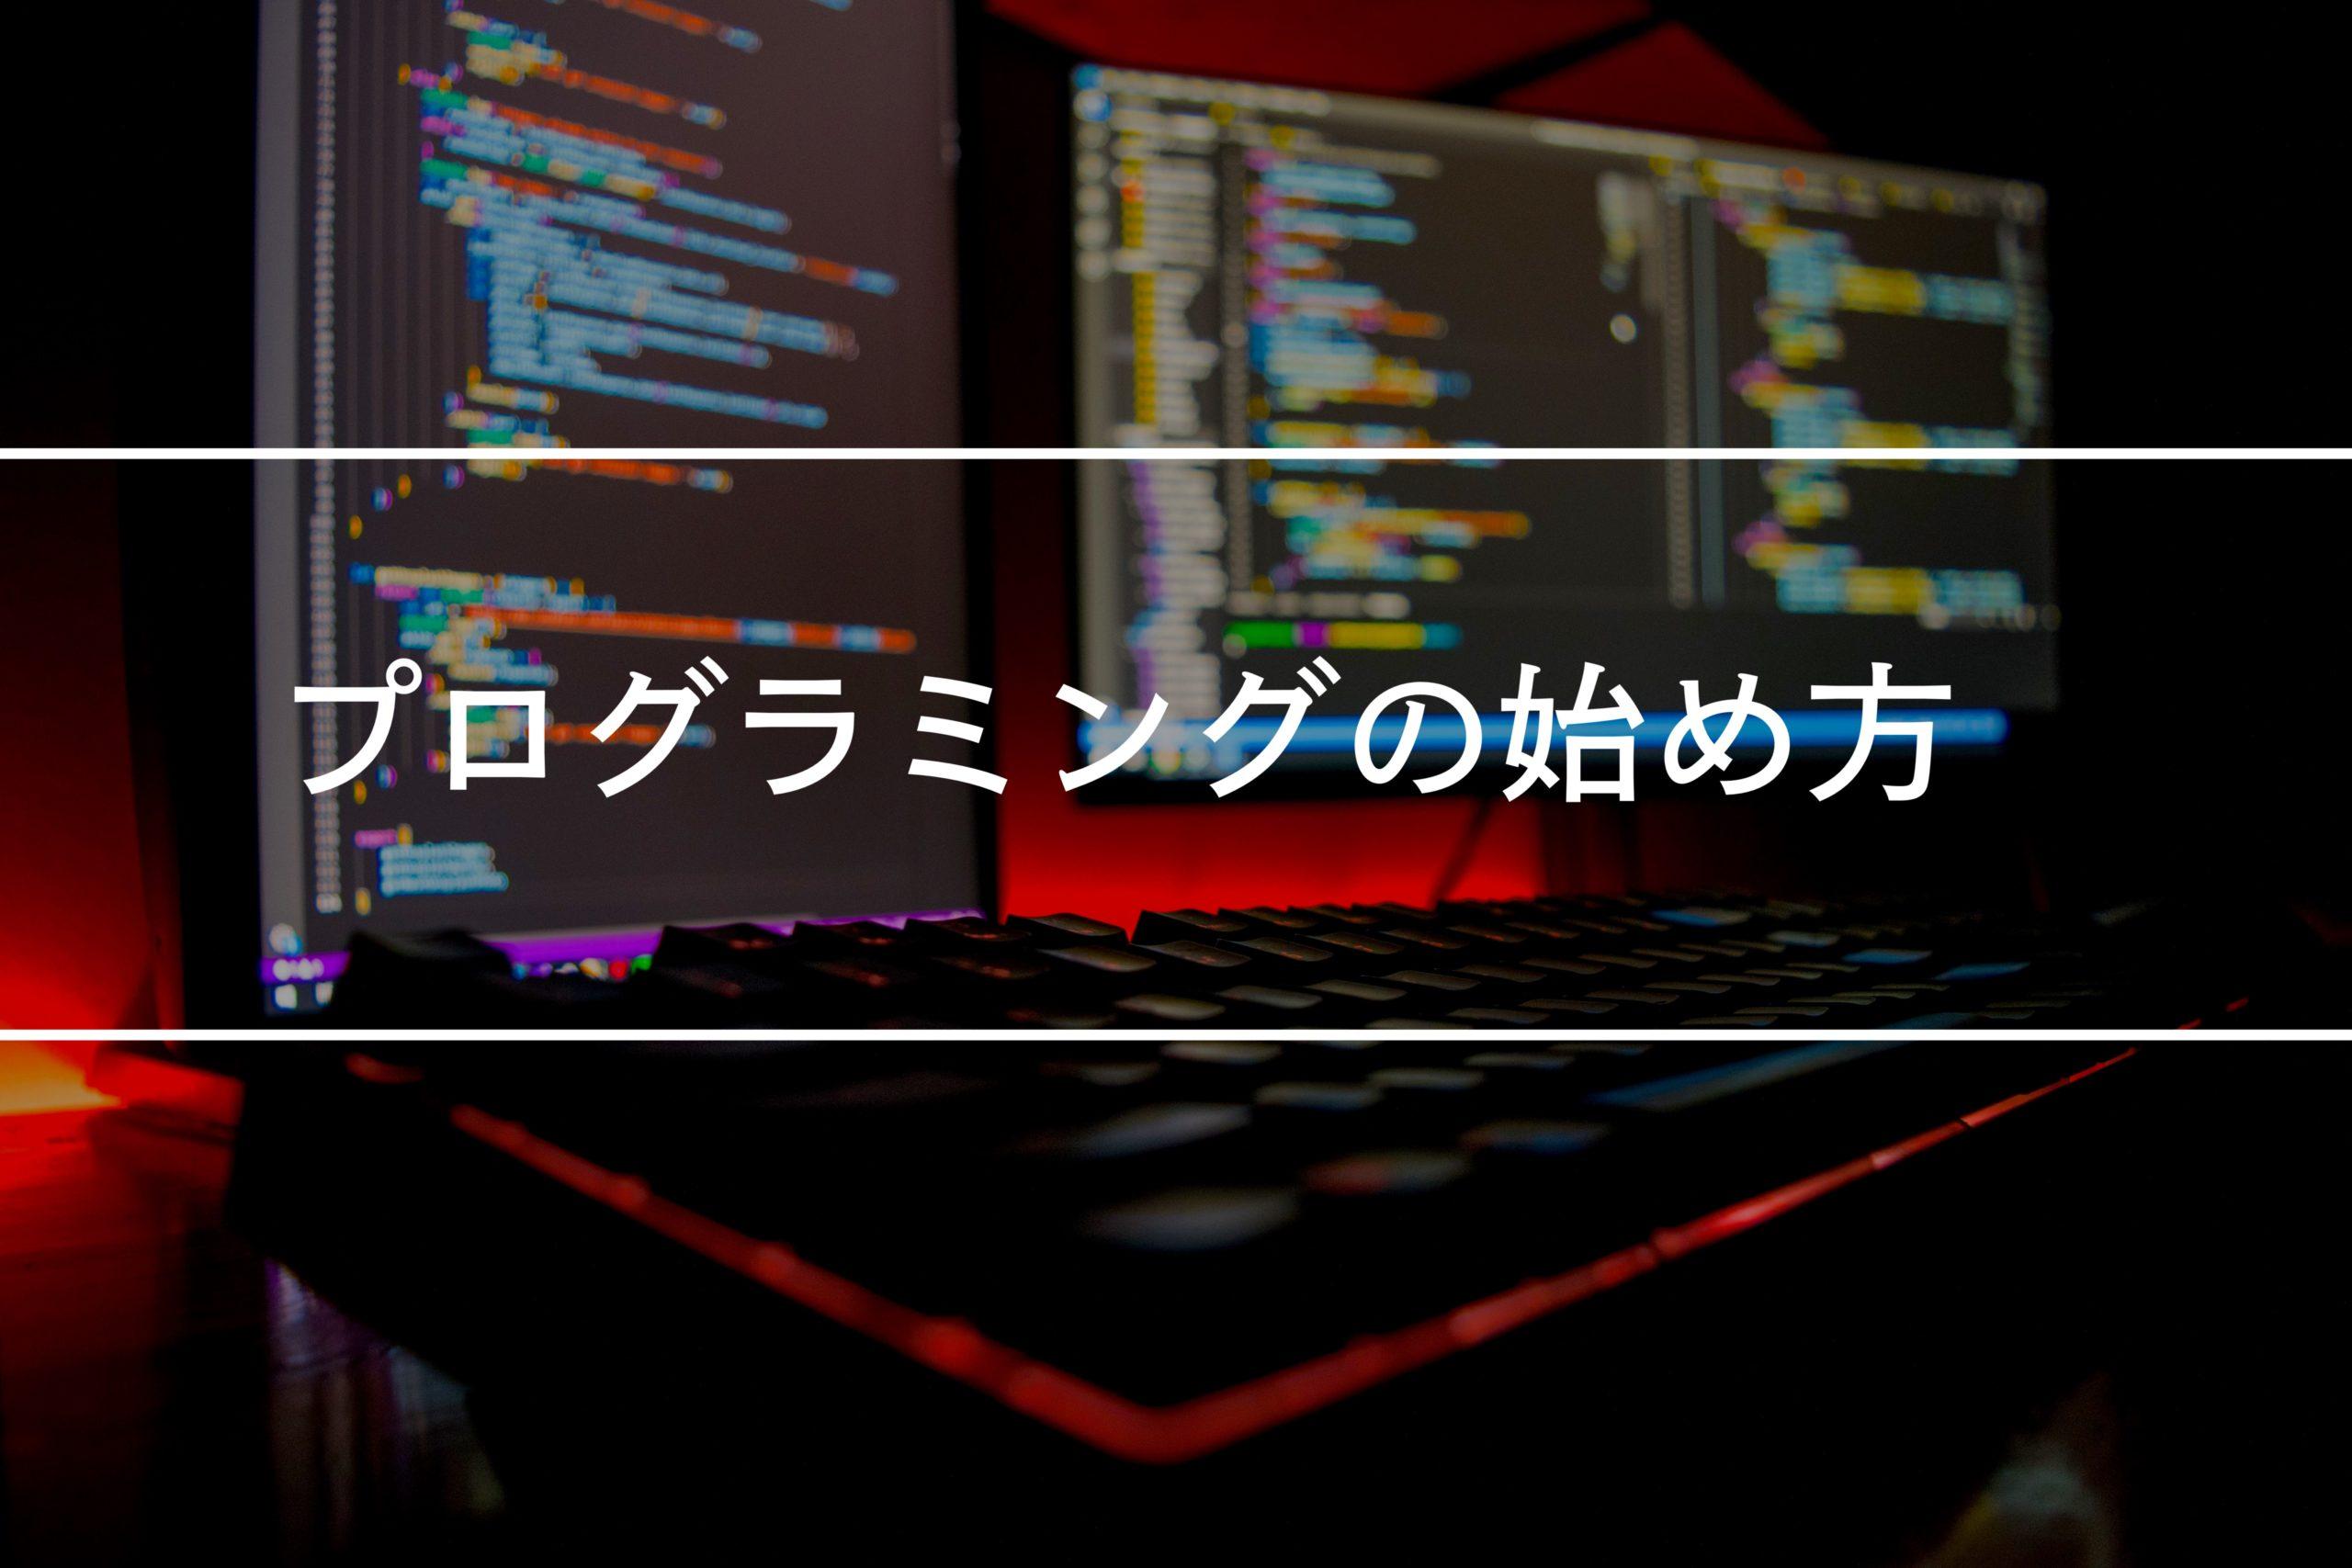 プログラミング入門ガイド|基礎知識と始め方,学習方法を解説します。